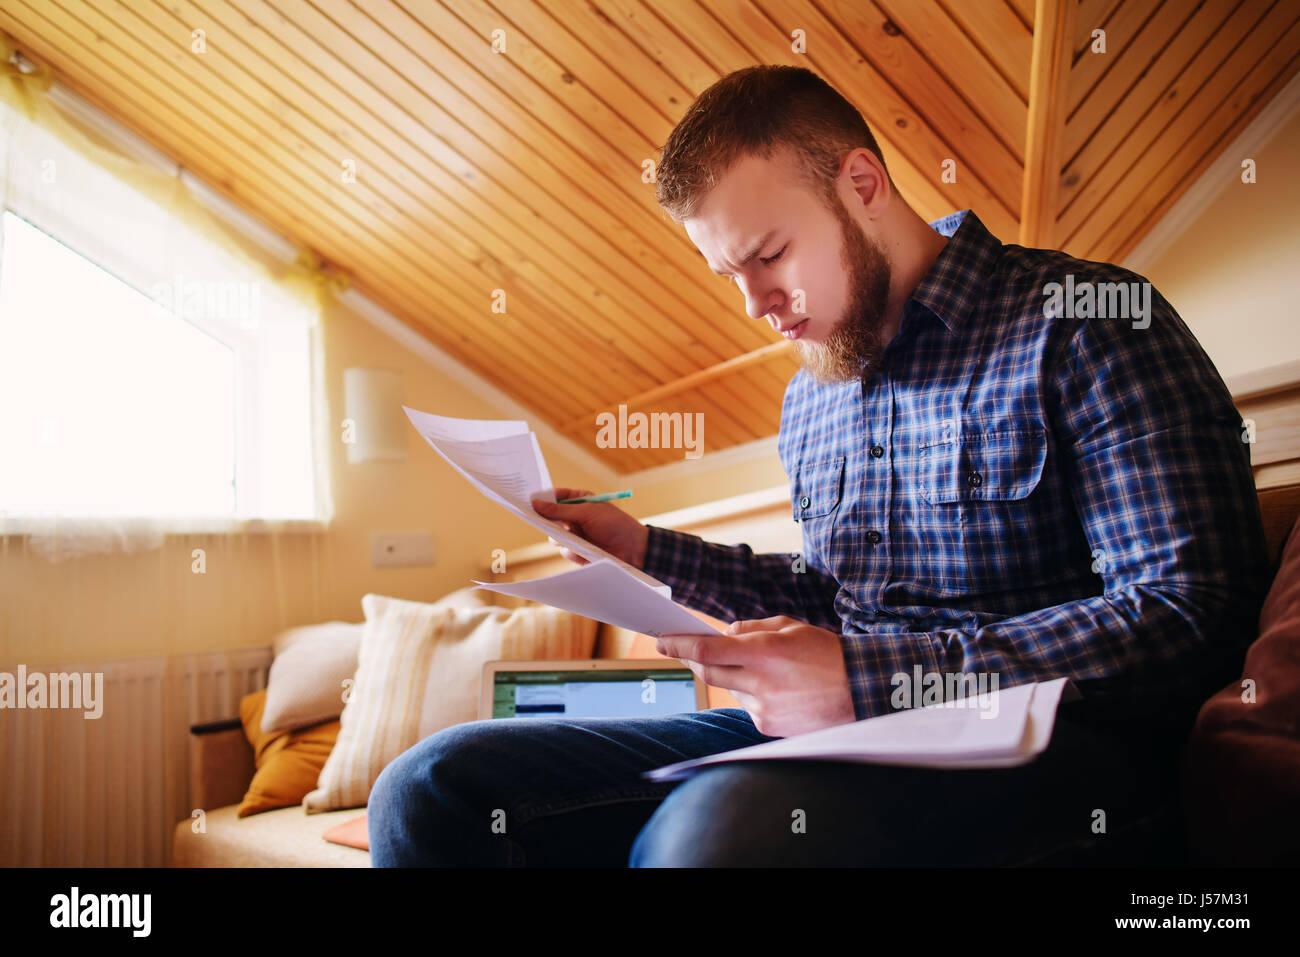 Jeune homme étudiant à la maison assis sur un canapé holding documents tout en travaillant sur un Photo Stock